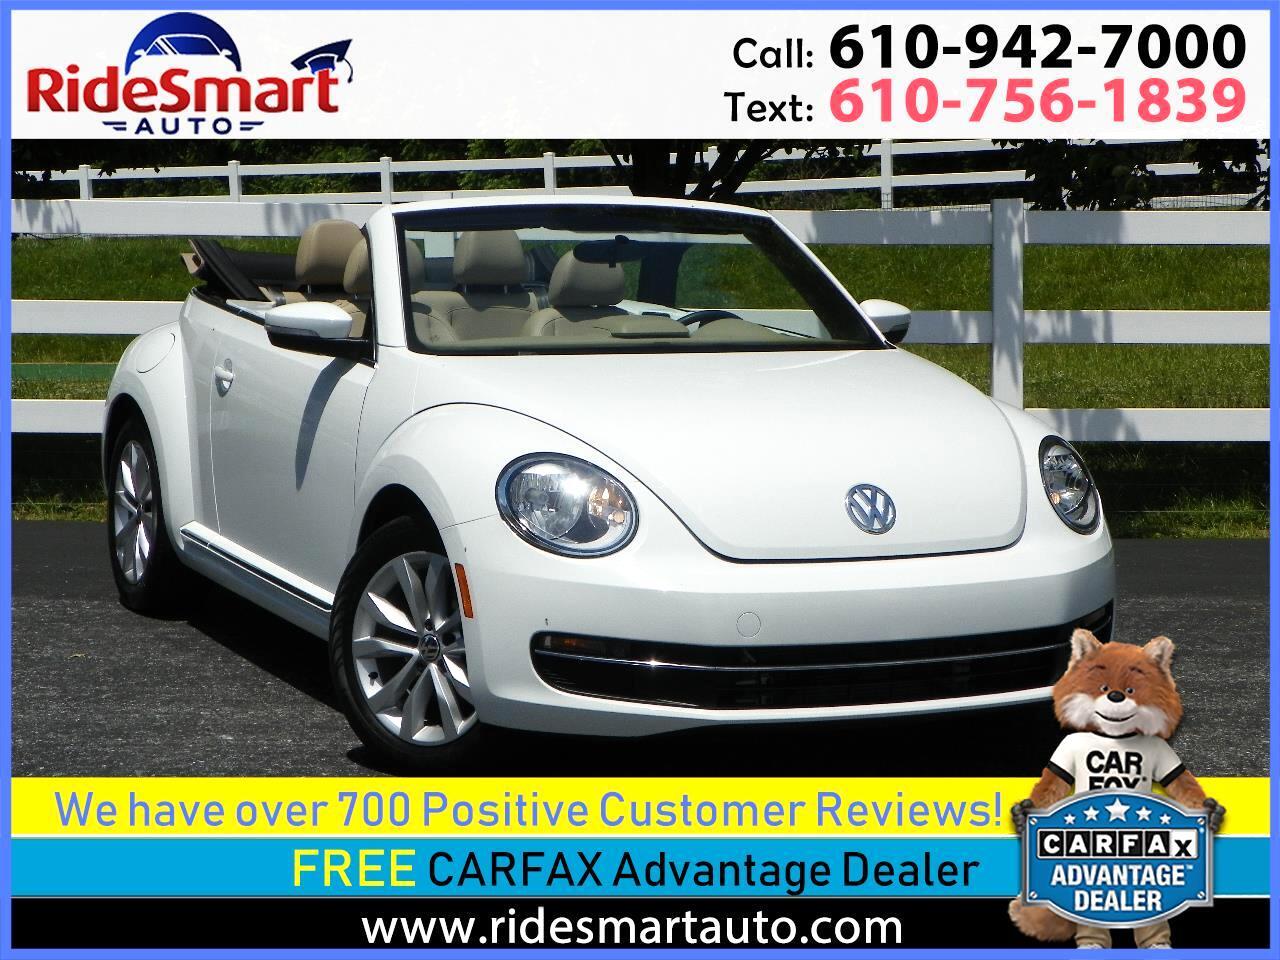 2015 Volkswagen Beetle TDI Convertible 6A